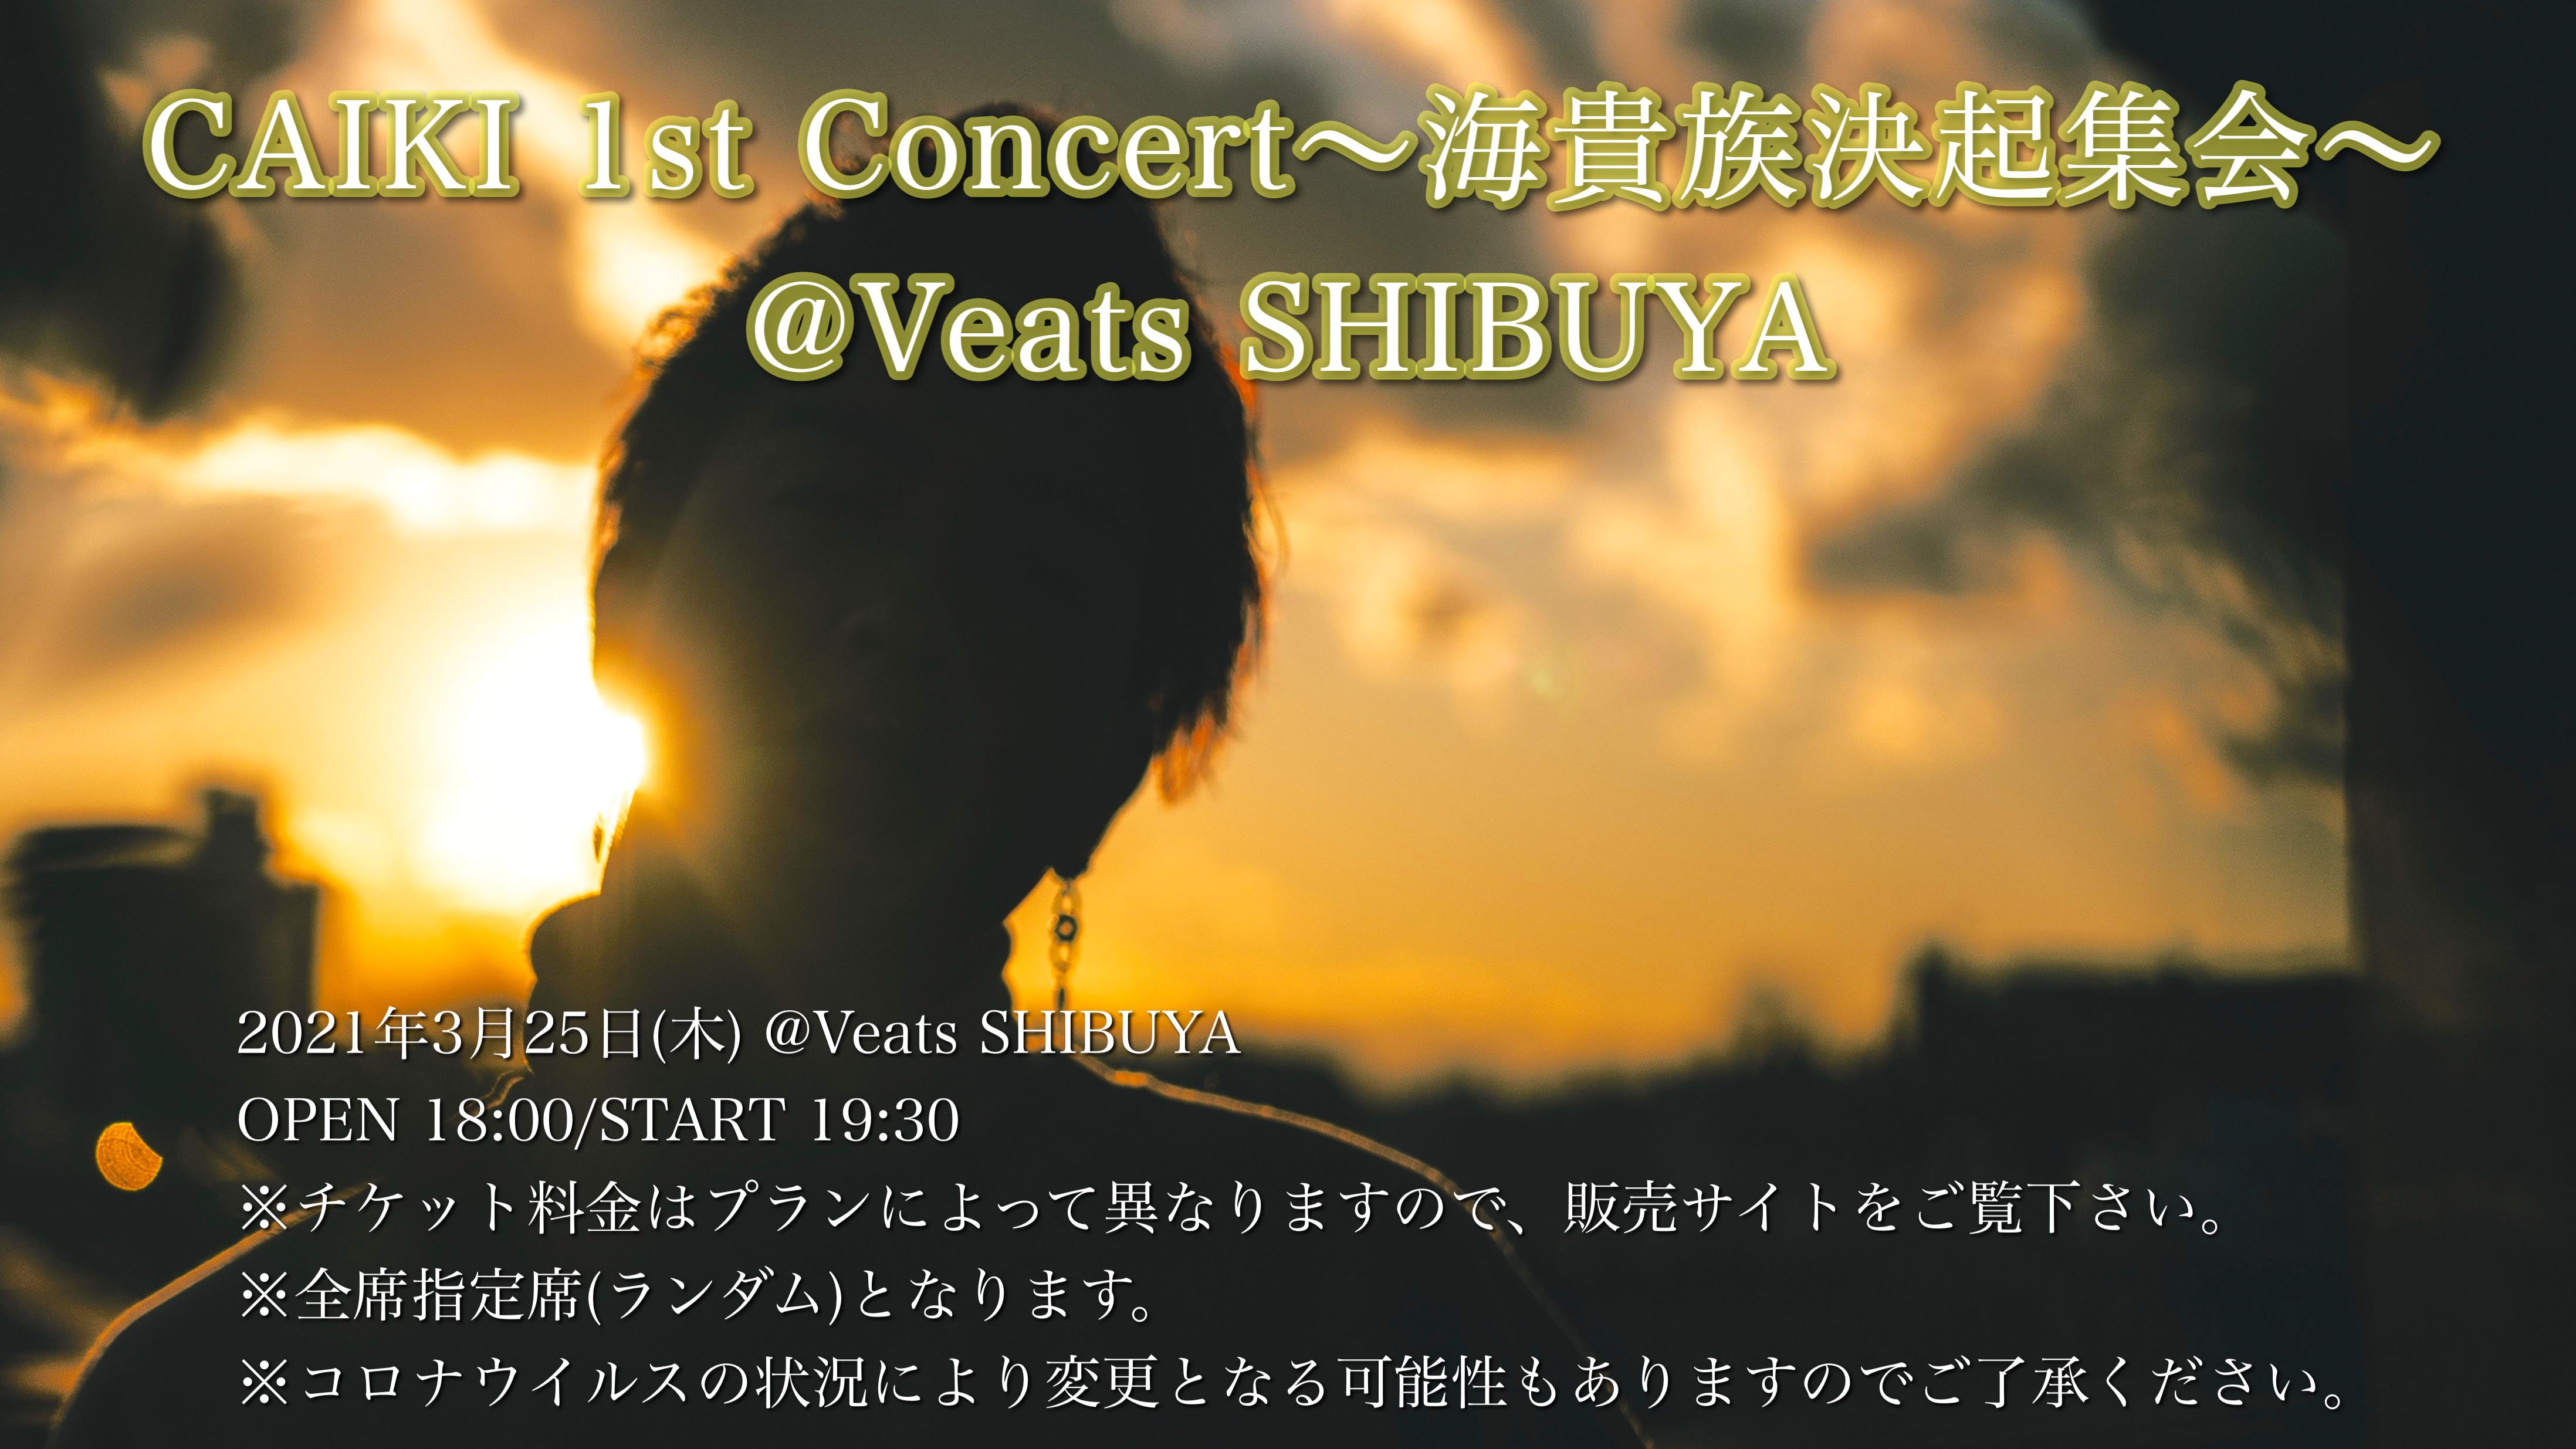 CAIKI 1st Concert~海貴族決起集会~@Veats SHIBUYA WIZY友達割特典付きWIZY限定チケット(後日公開ライブメイキング映像視聴権)の画像